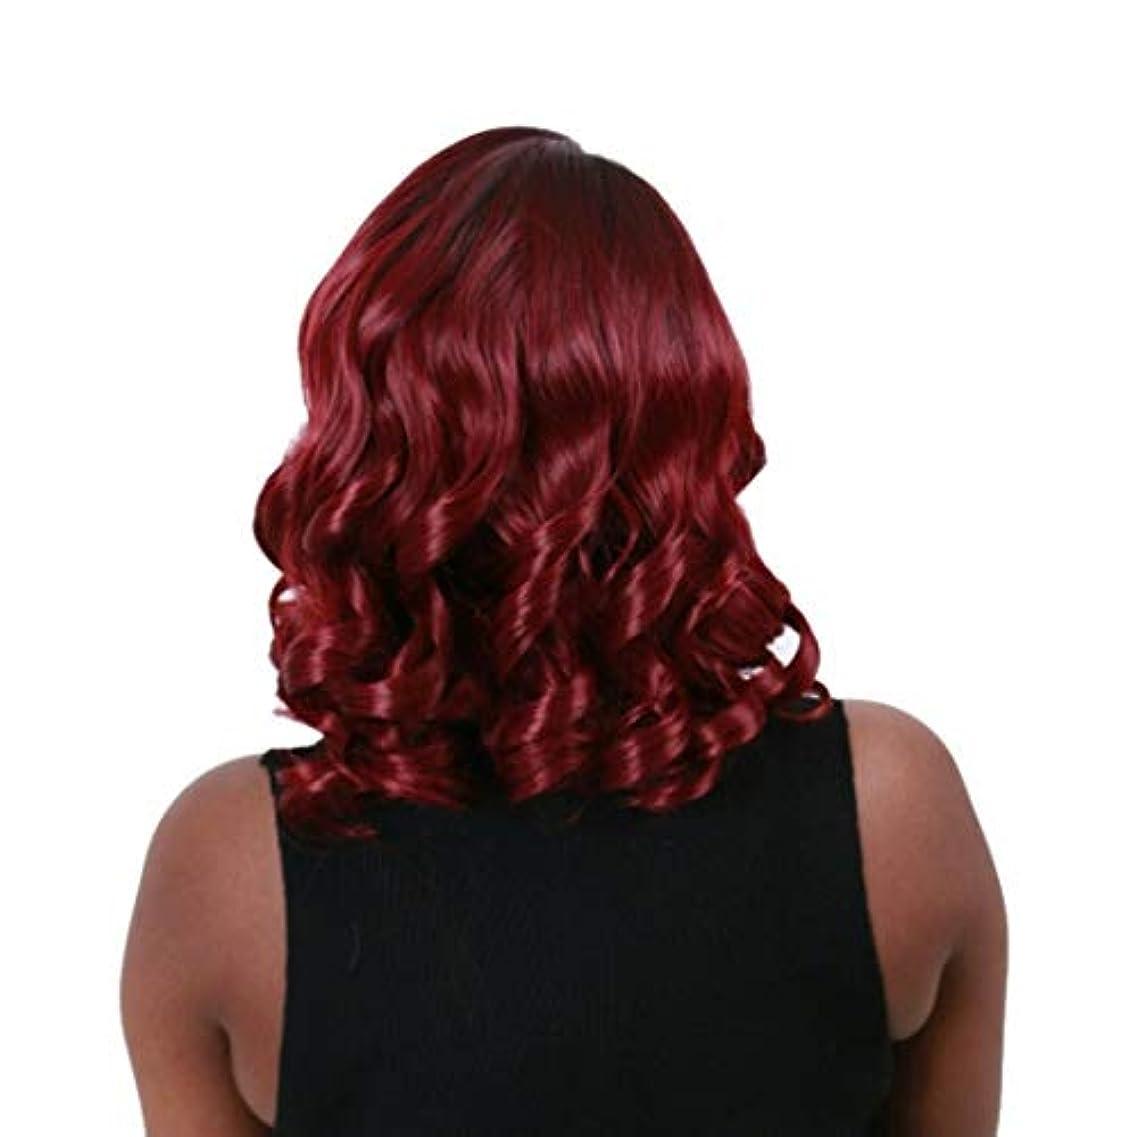 工業化する南のホストKerwinner かつら女性のための傾斜前髪ショートカーリーヘアーワインレッド高温シルクウィッグ